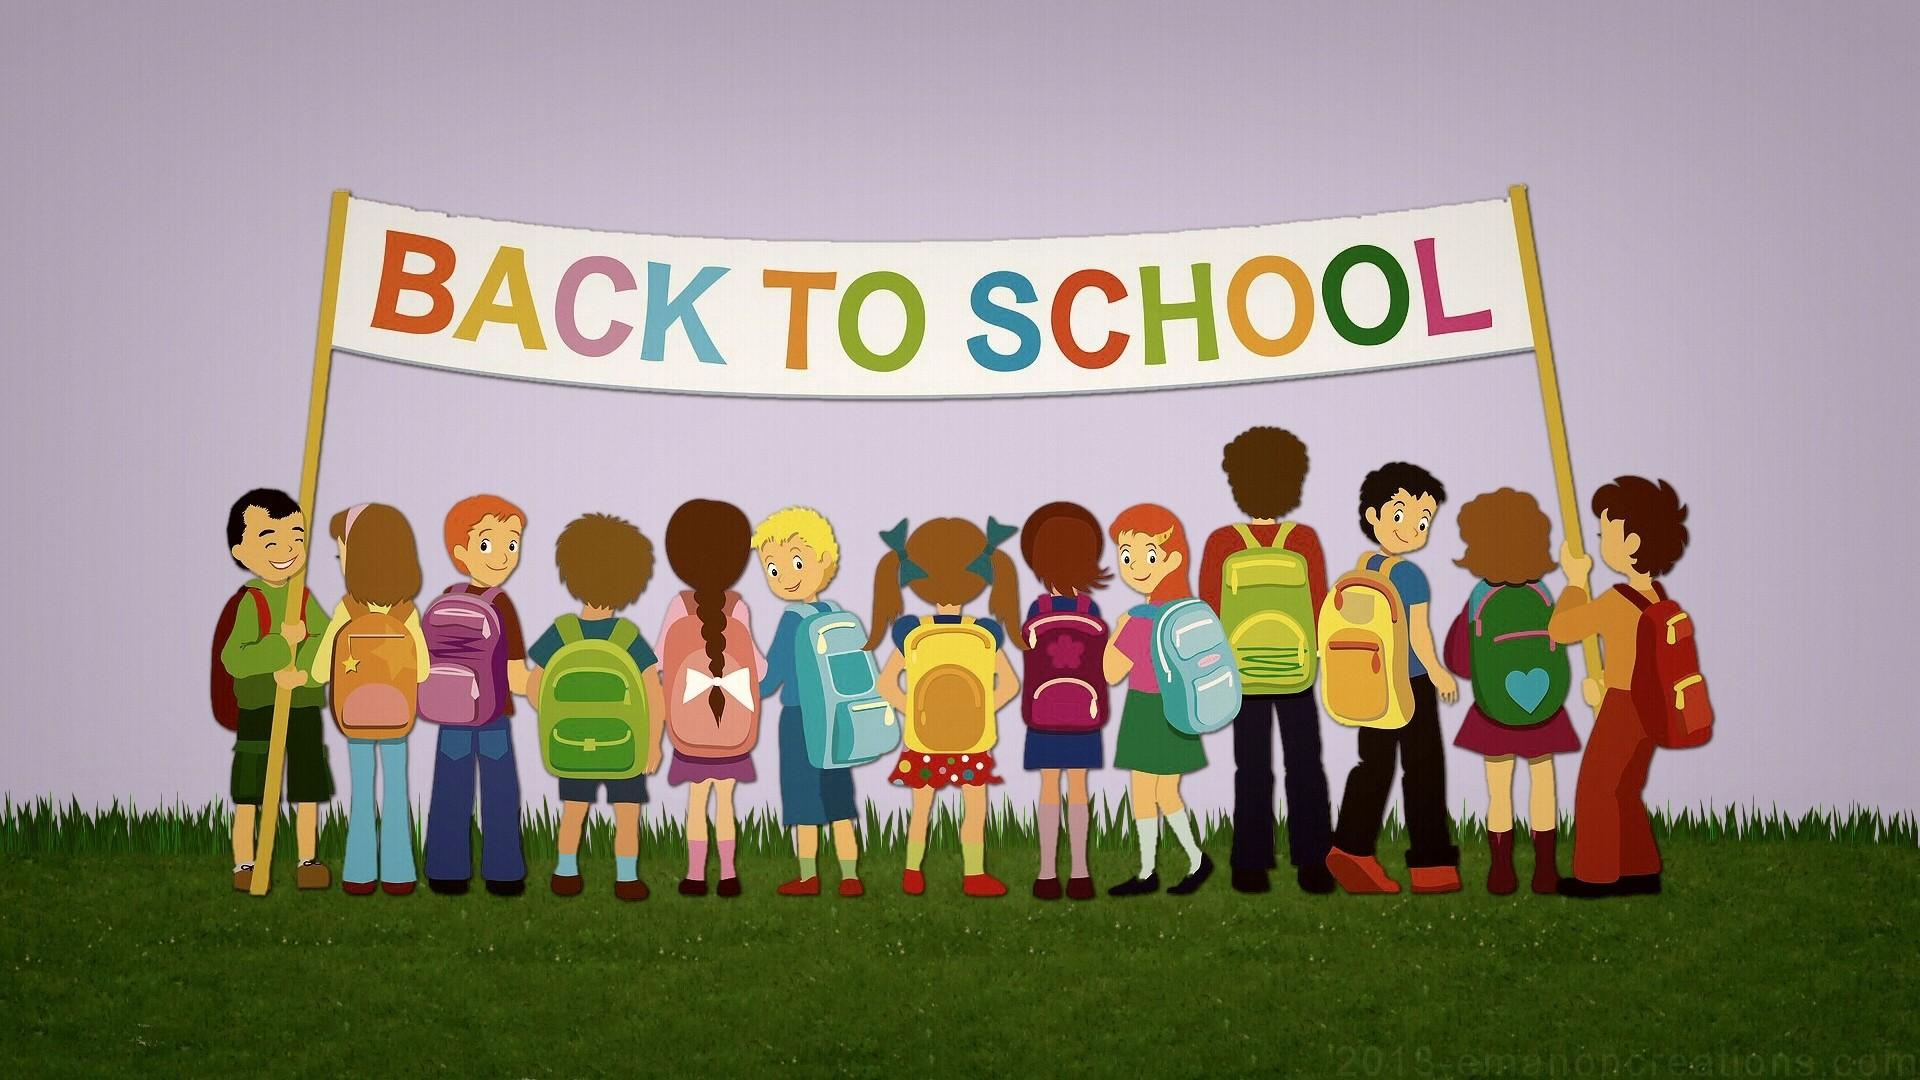 Back To School HD Wallpaper